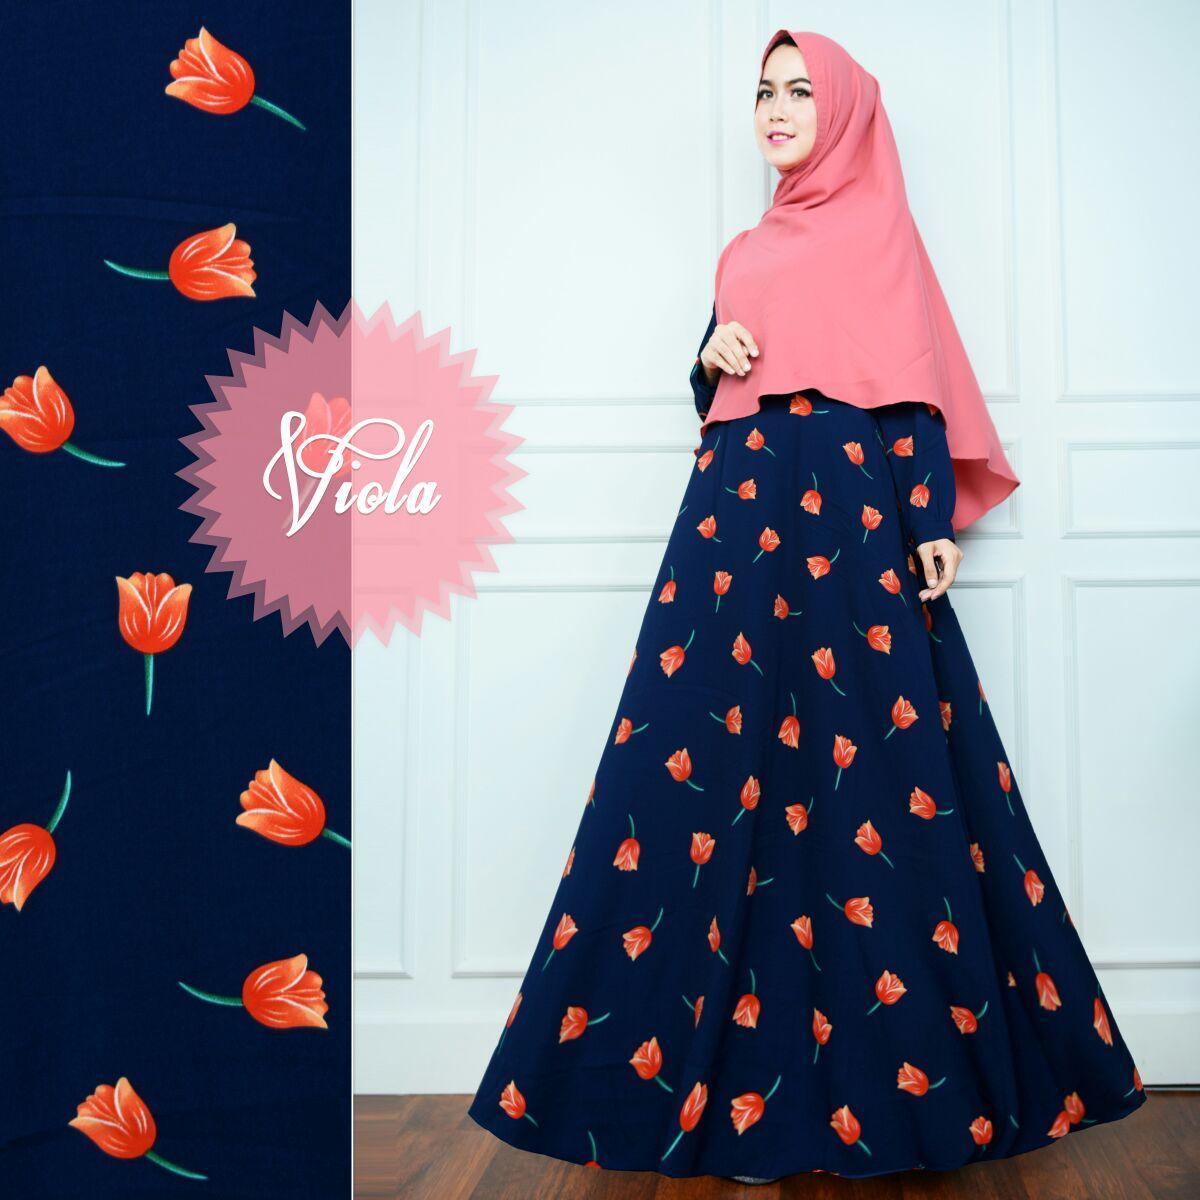 Anggun Gamis – Fashion Wanita - Gamis Muslimah – Gamis Murah – Gamis Kekinian – Satu Set Kerudung - Bahan Monalisa – Viola